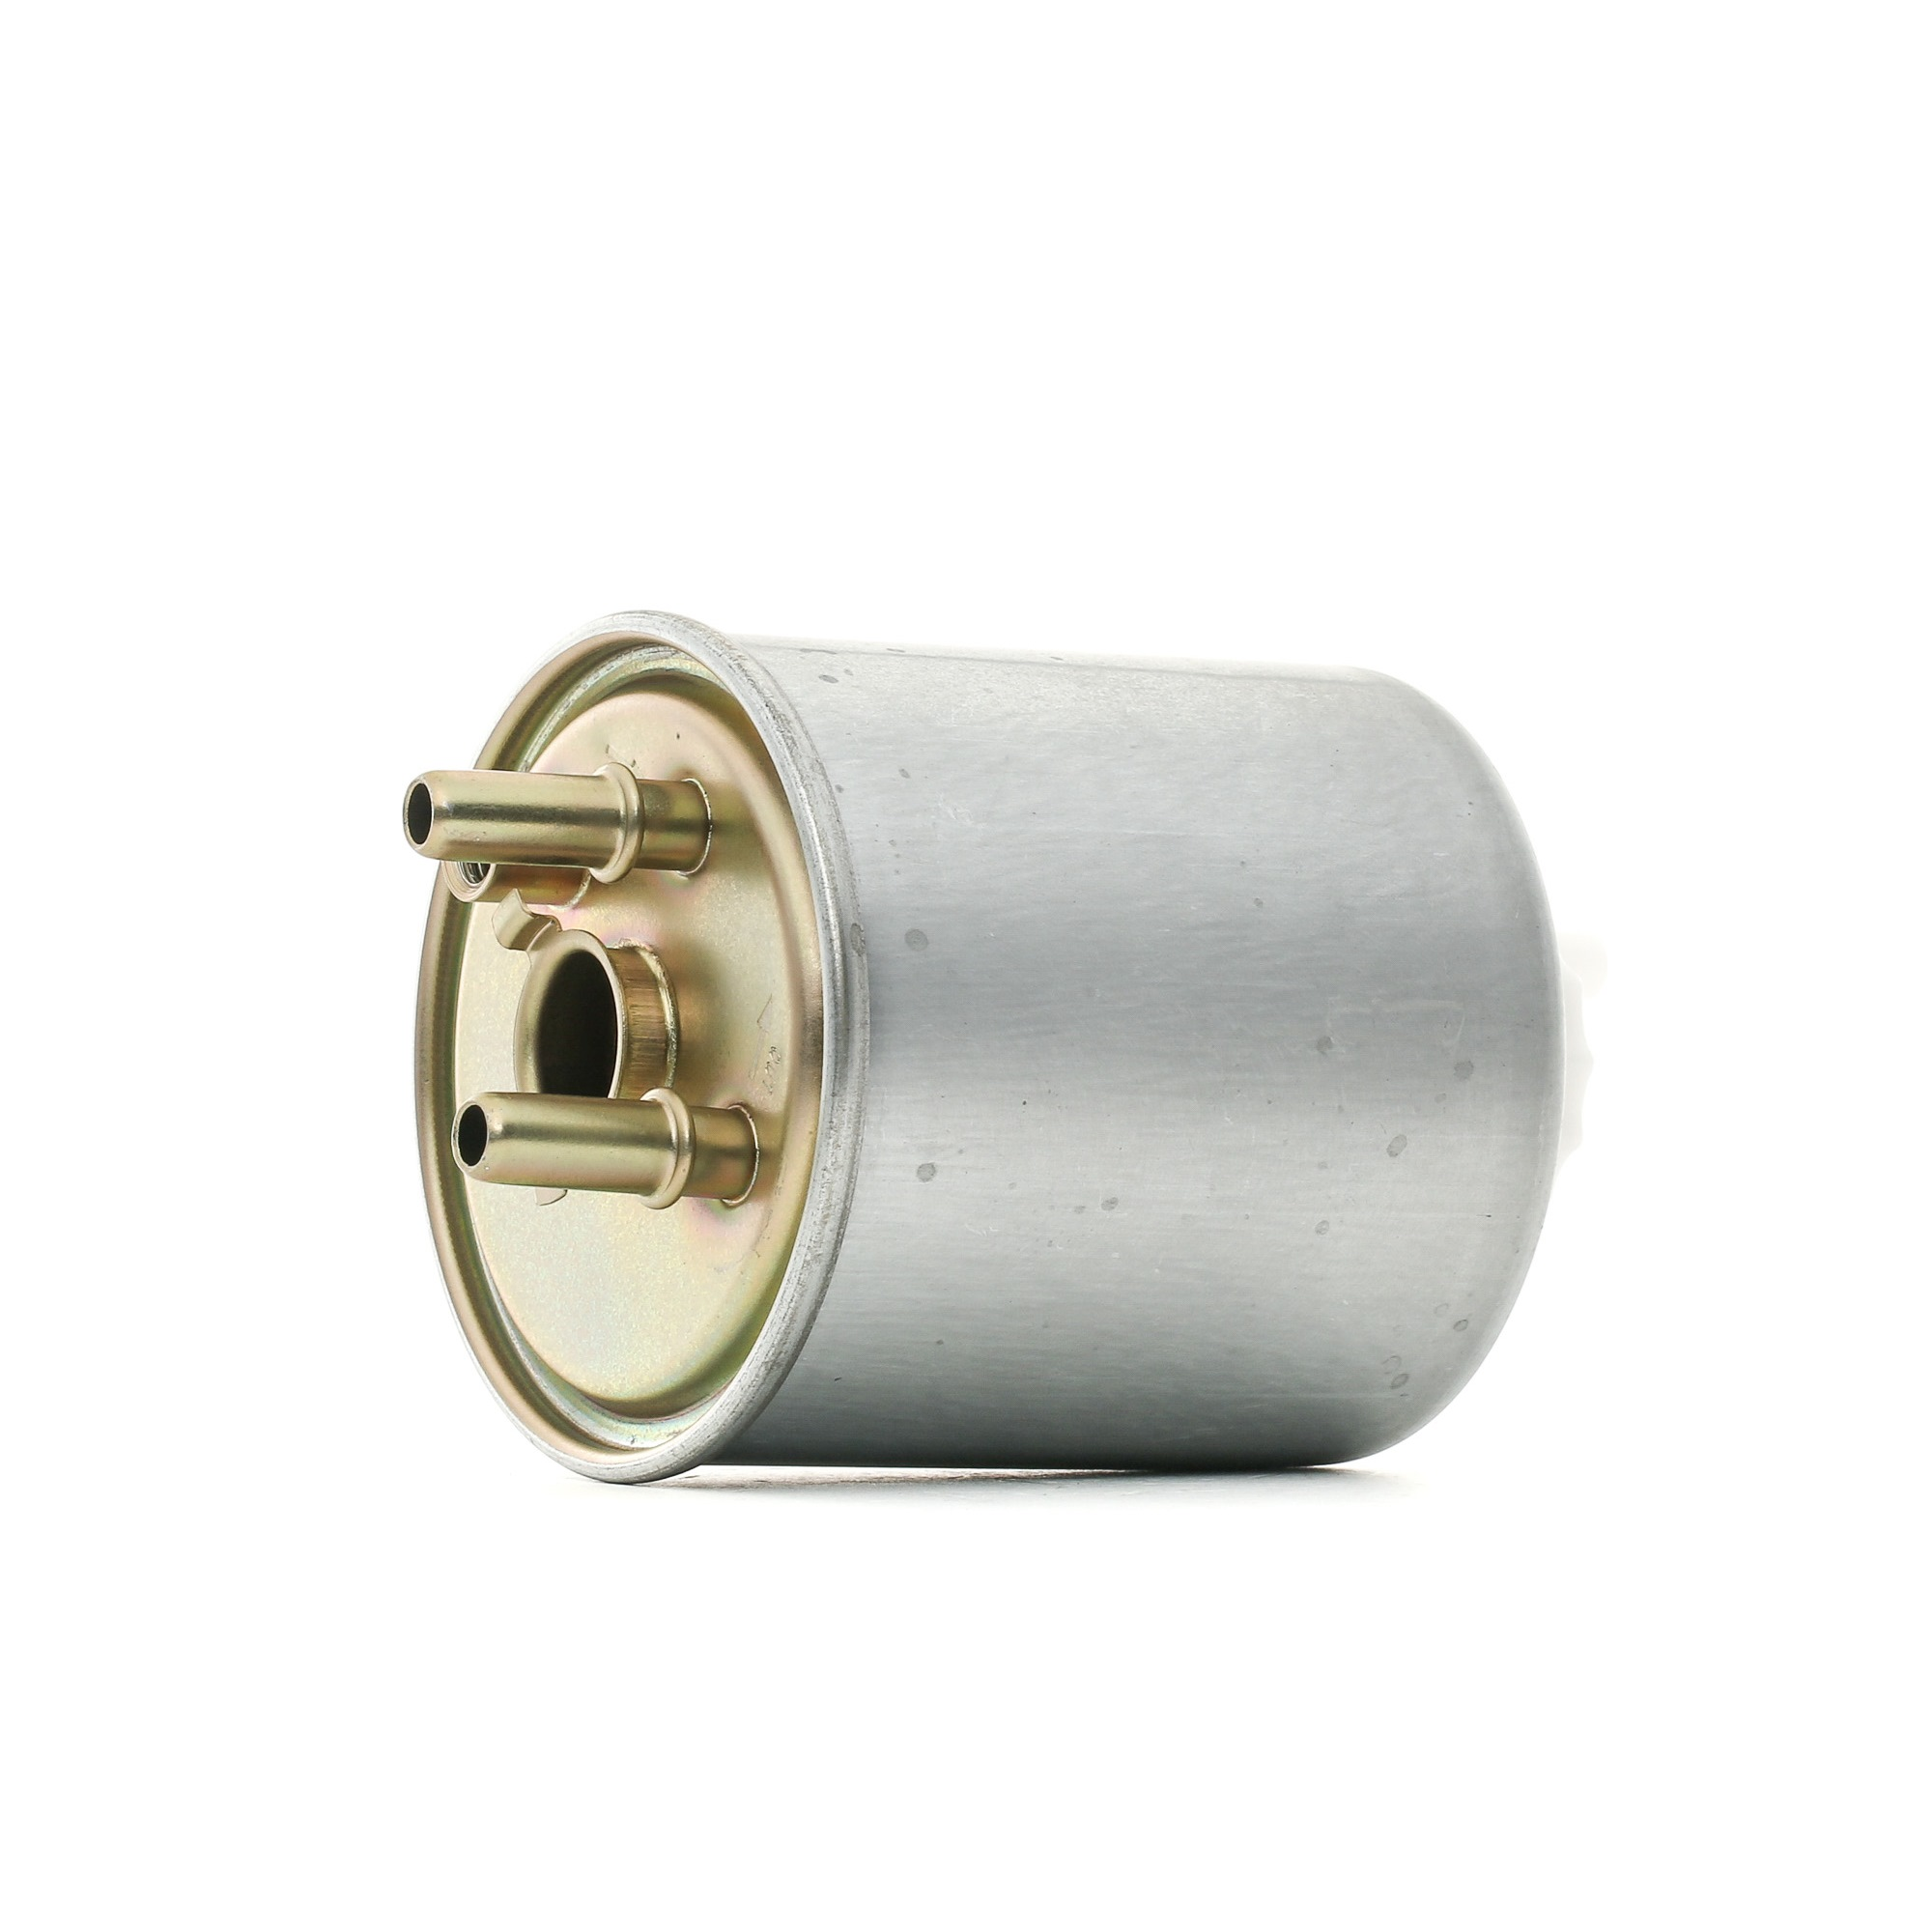 Achetez Filtre à carburant RIDEX 9F0162 (Hauteur: 123mm) à un rapport qualité-prix exceptionnel